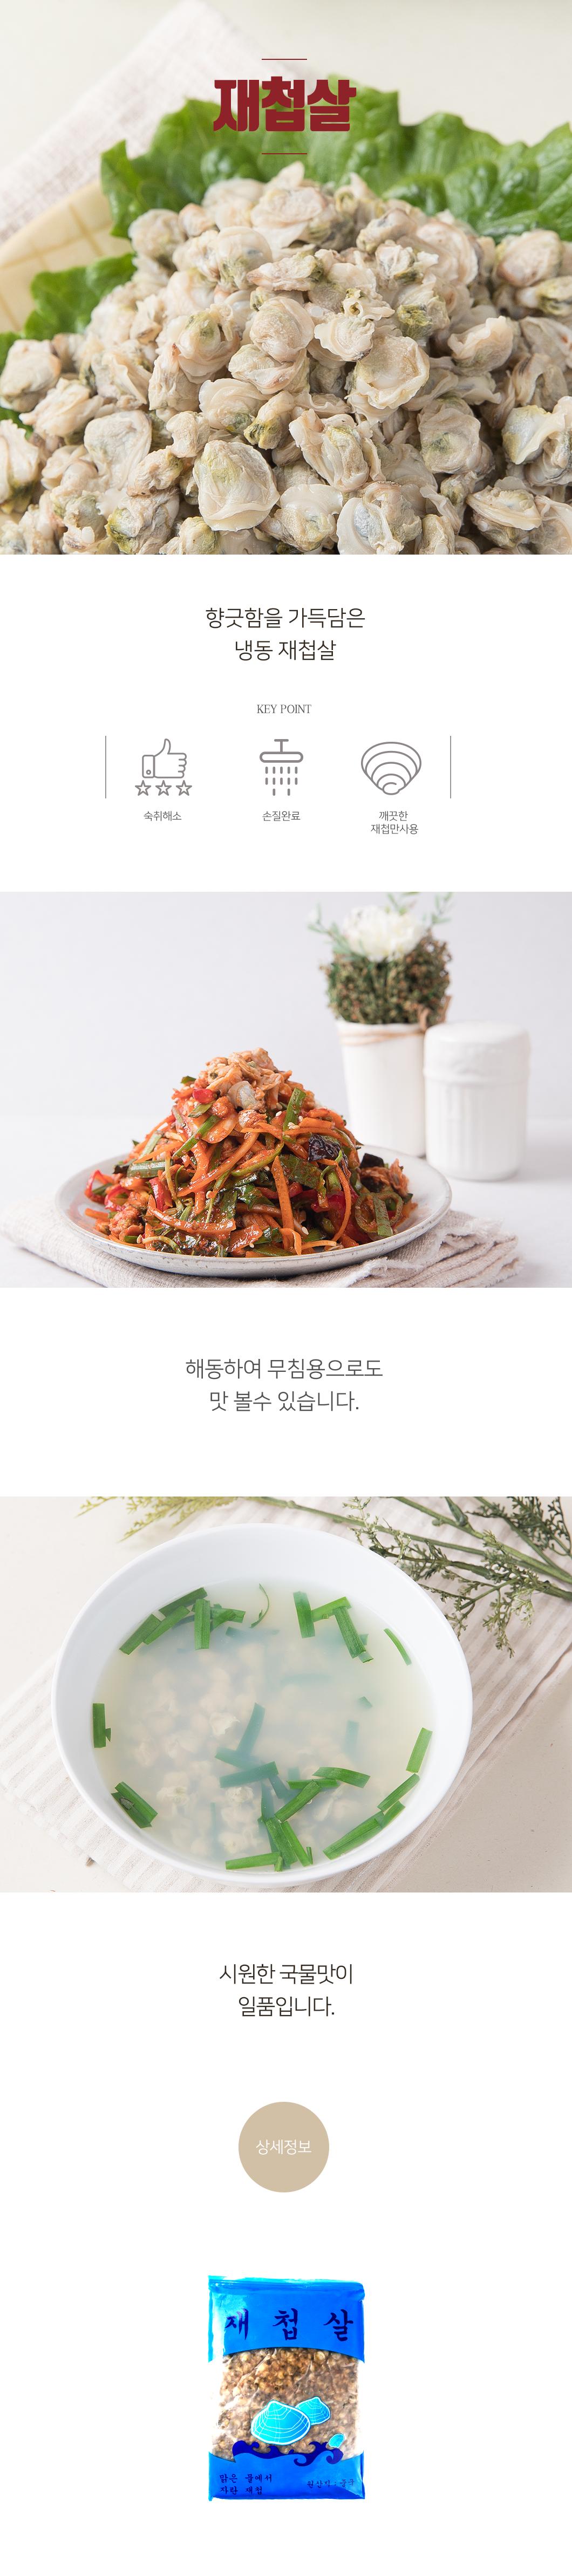 재호식품 재호물산 산 재첩살